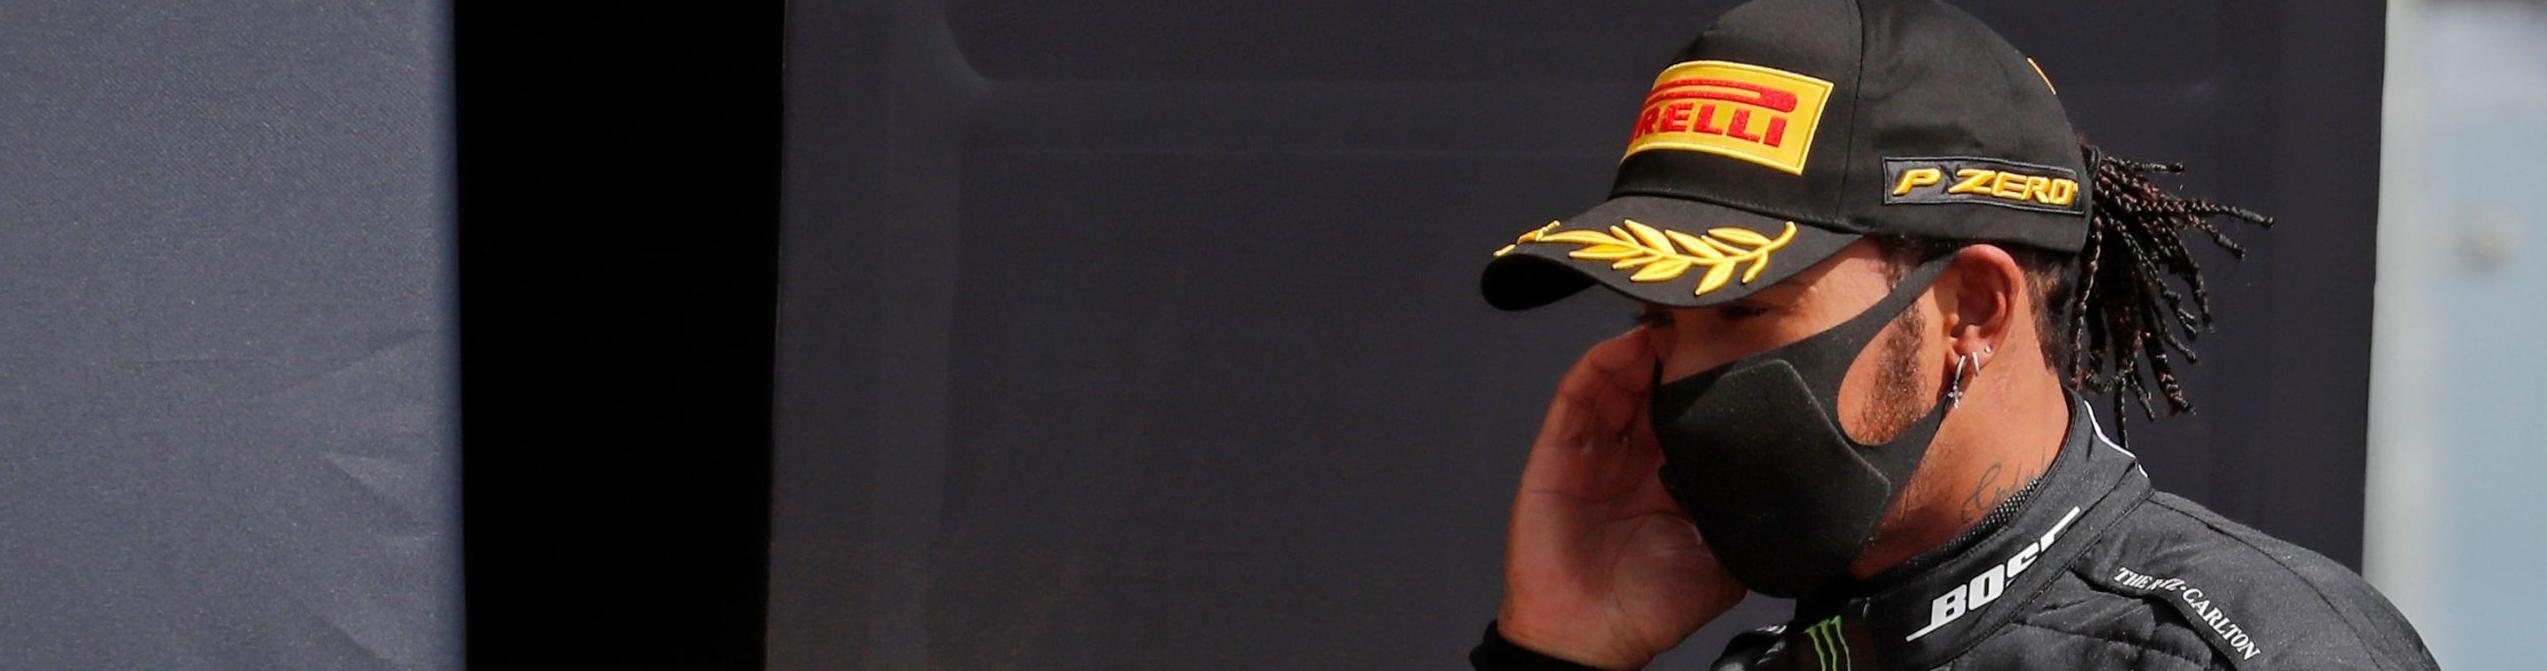 Λιούις Χάμιλτον: Οι κορυφαίες στιγμές του Βρετανού πρωταθλητή της F1!